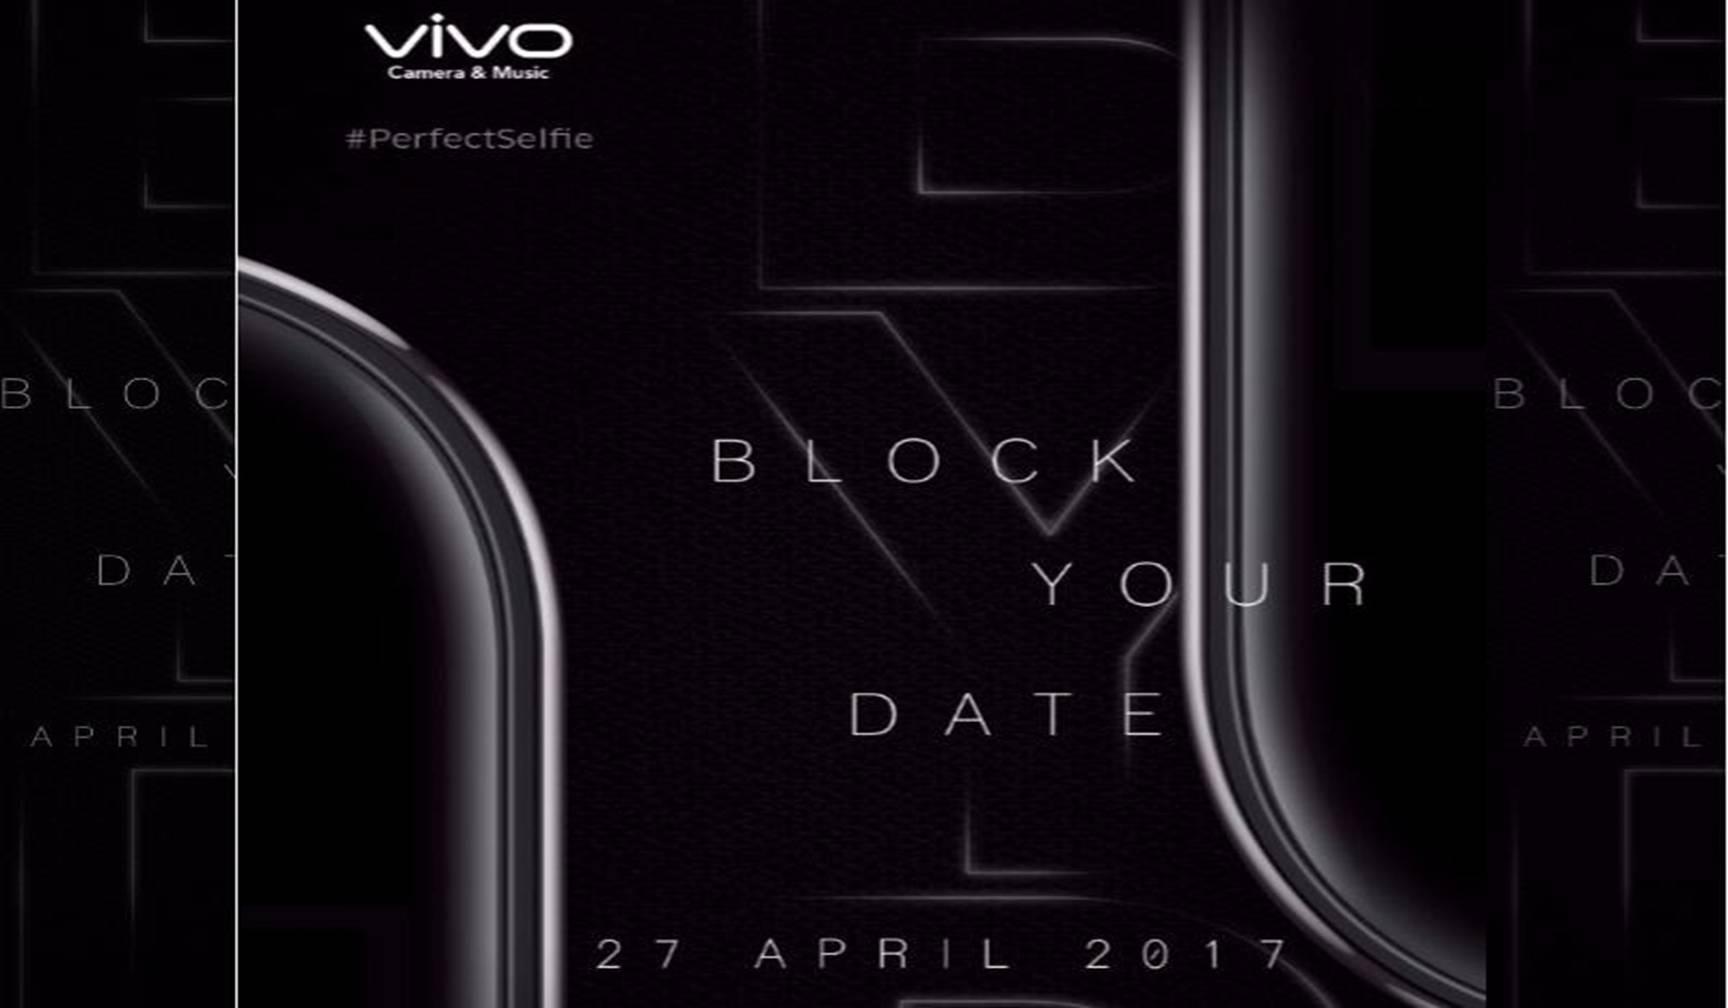 एक और सेल्फी एक्सपर्ट स्मार्टफ़ोन Vivo V5s 27 अप्रैल को भारत में होगा लाॅन्च